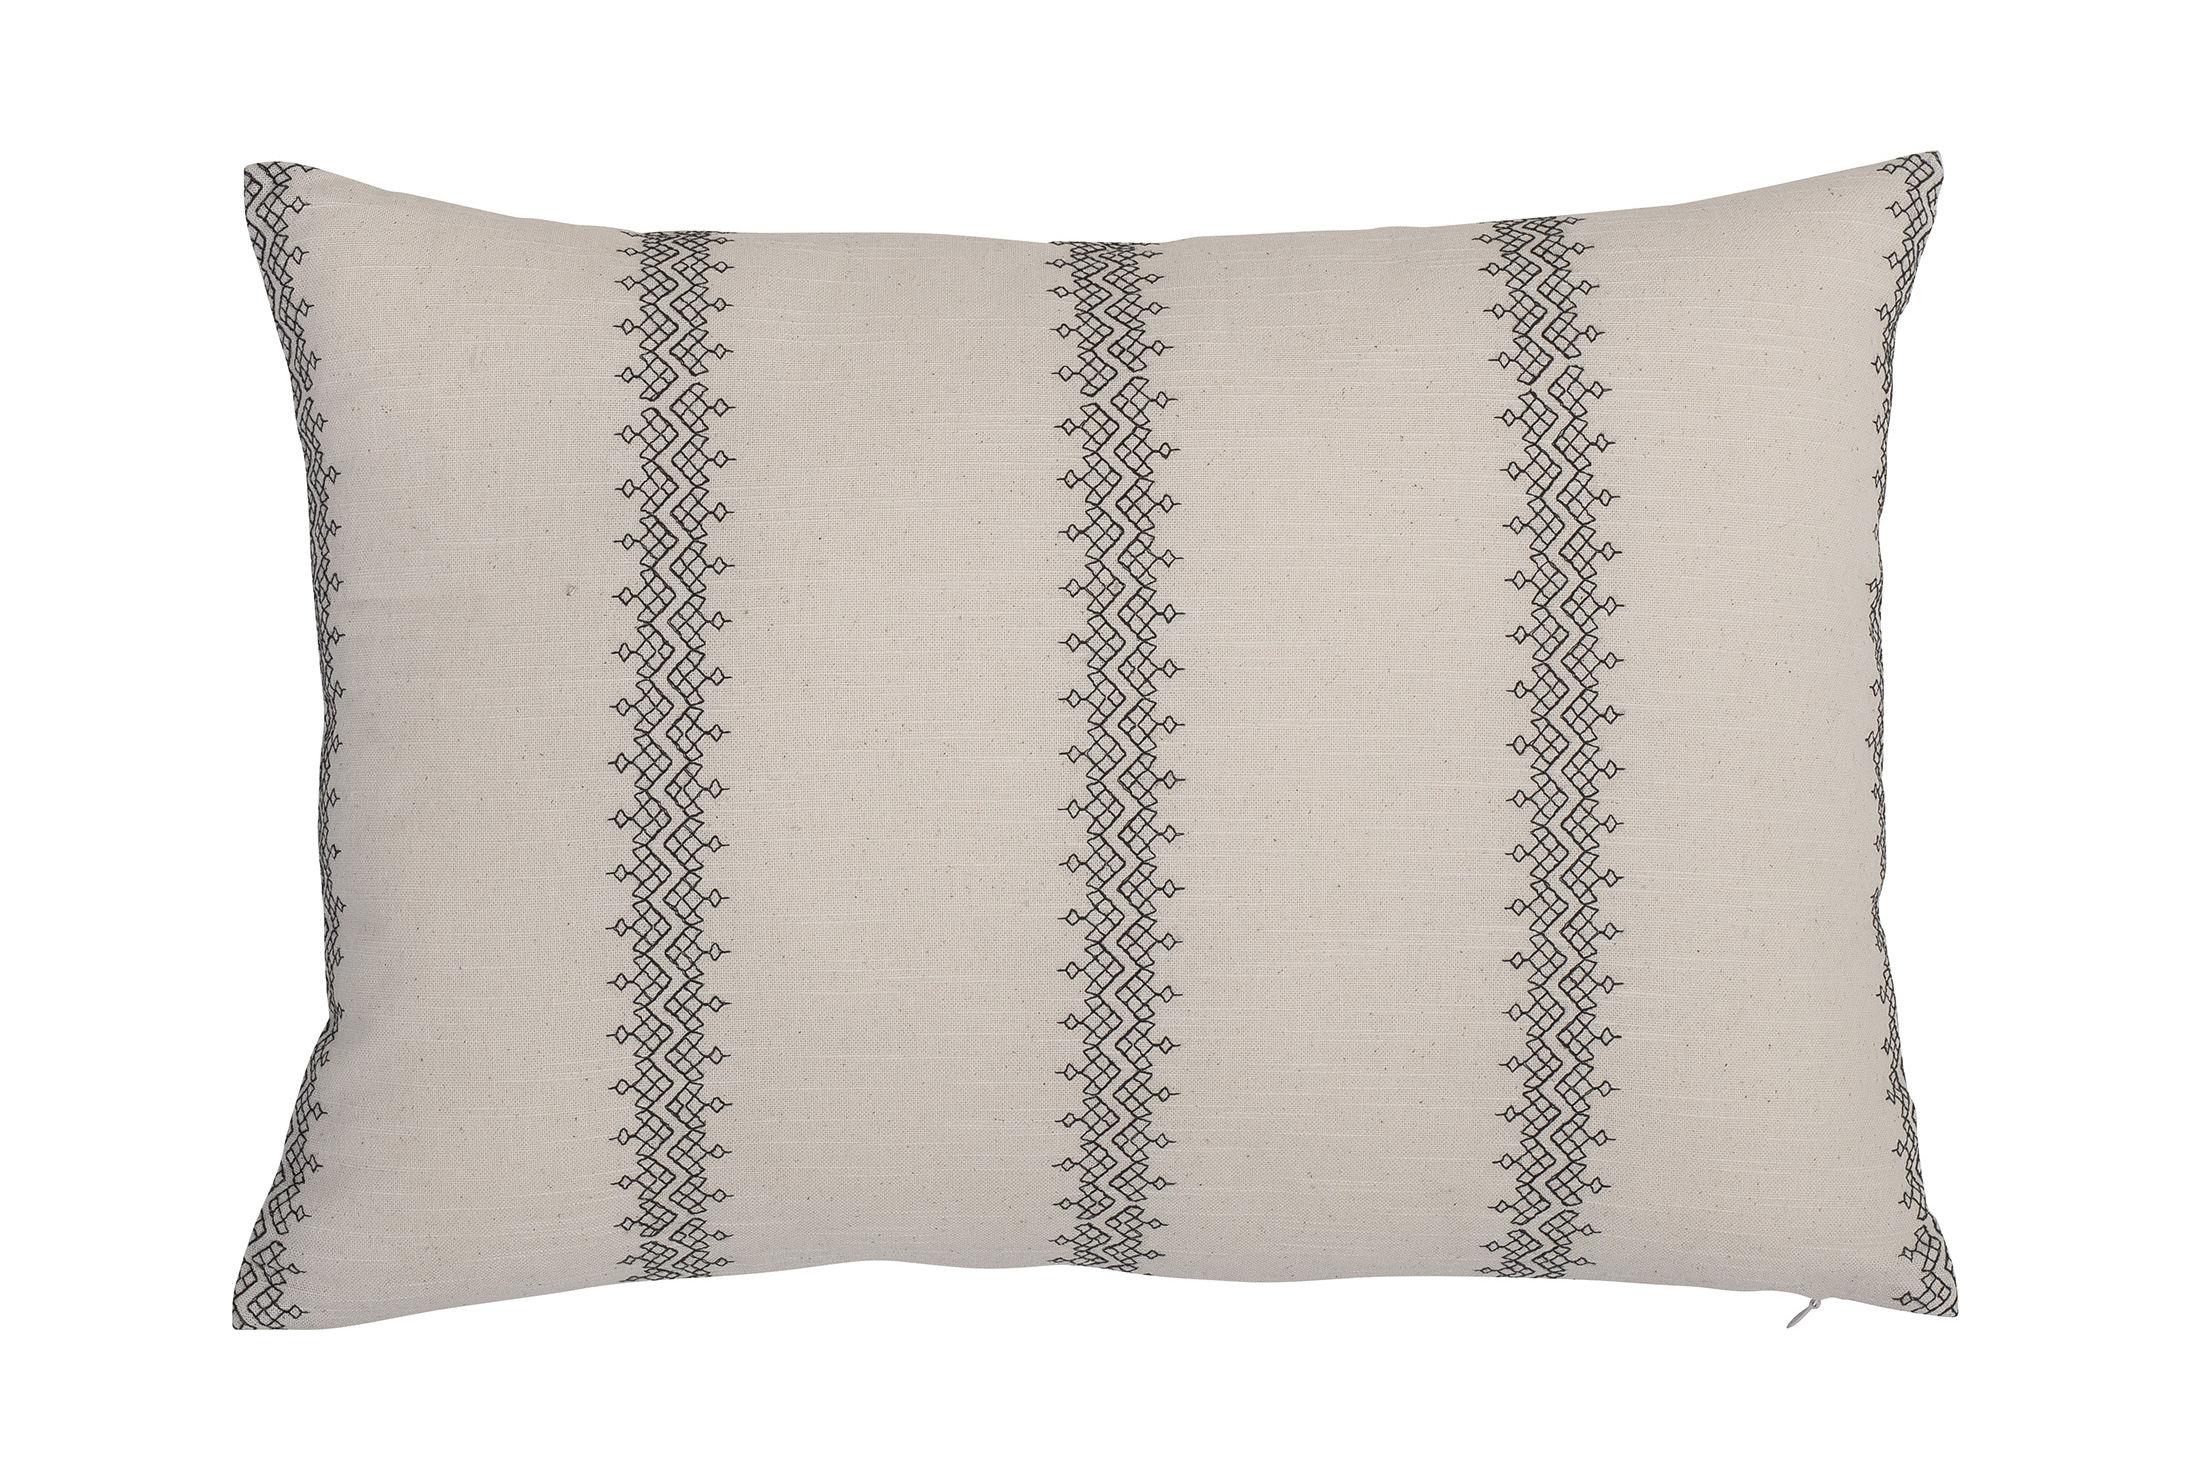 Déco - Coussins - Coussin / 35 x 50 cm - Coton - Bloomingville - Noir & blanc - Coton, Polyester